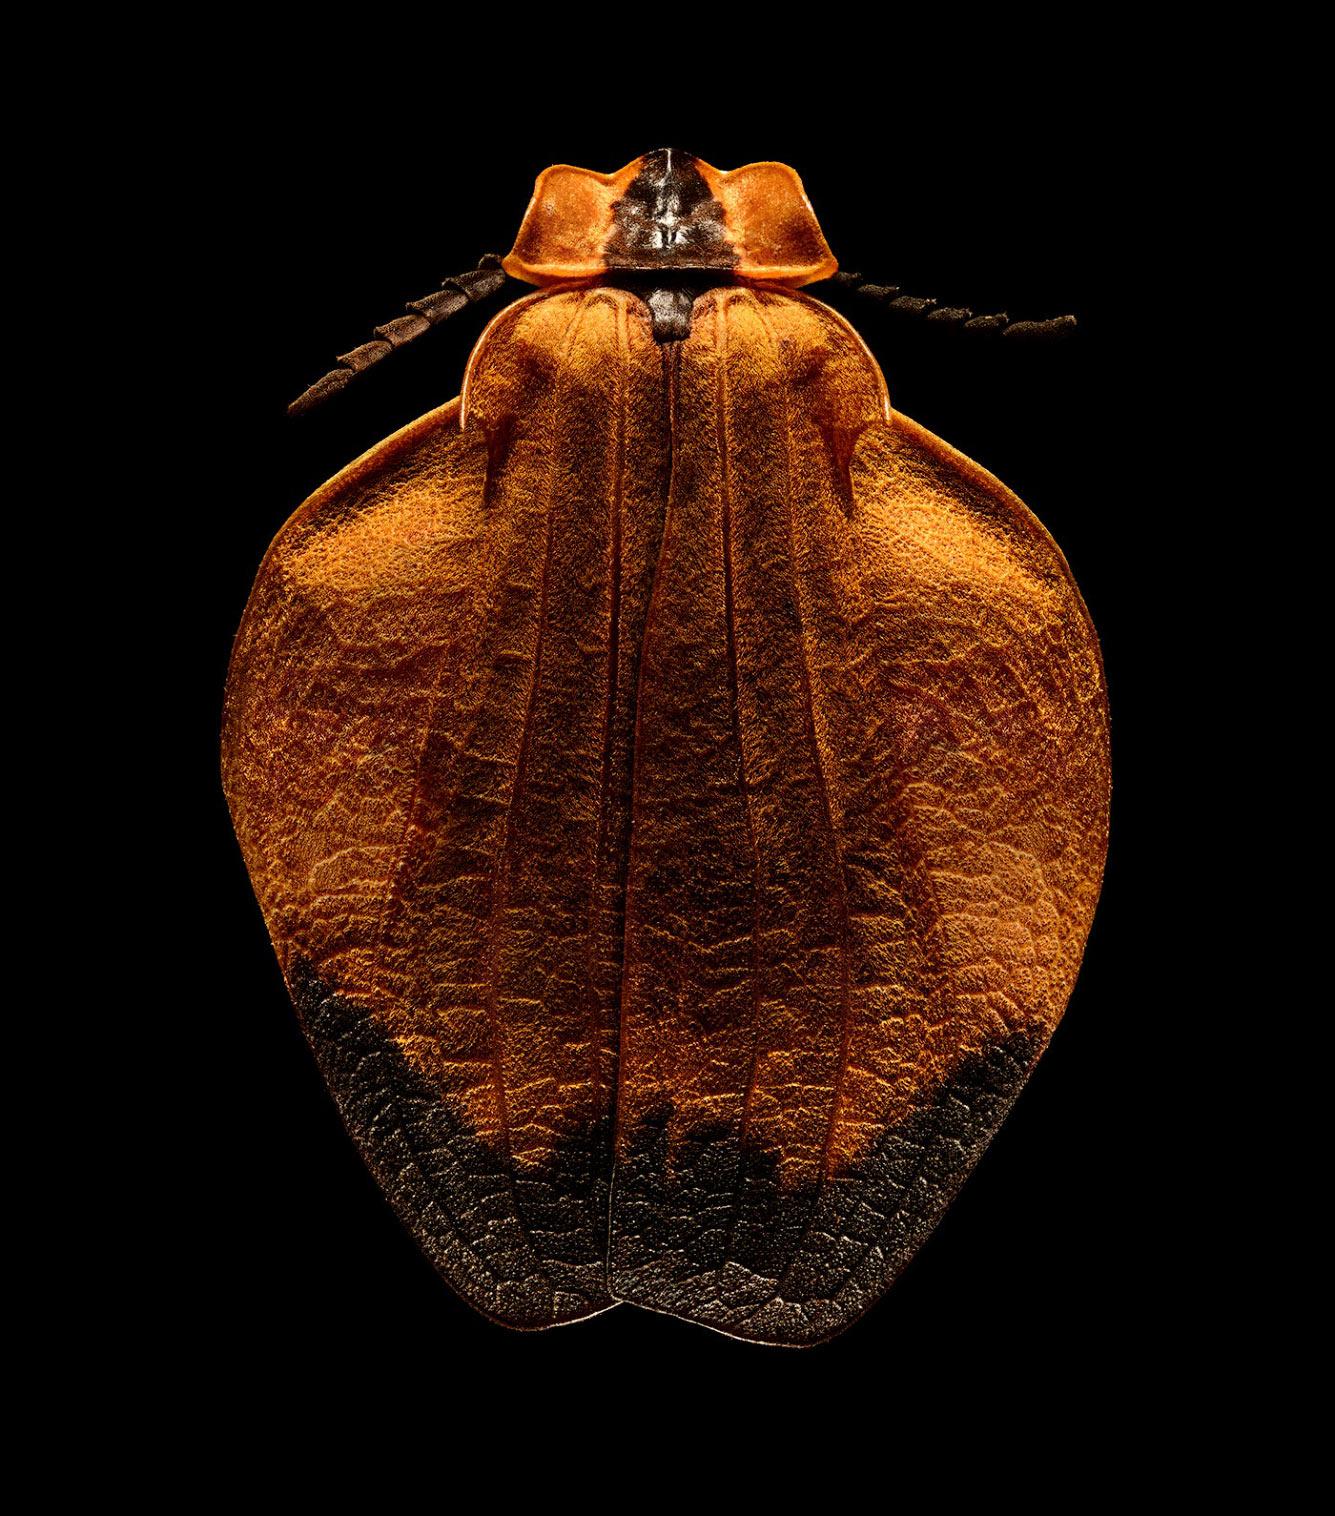 Orange-netted Winged Beetle